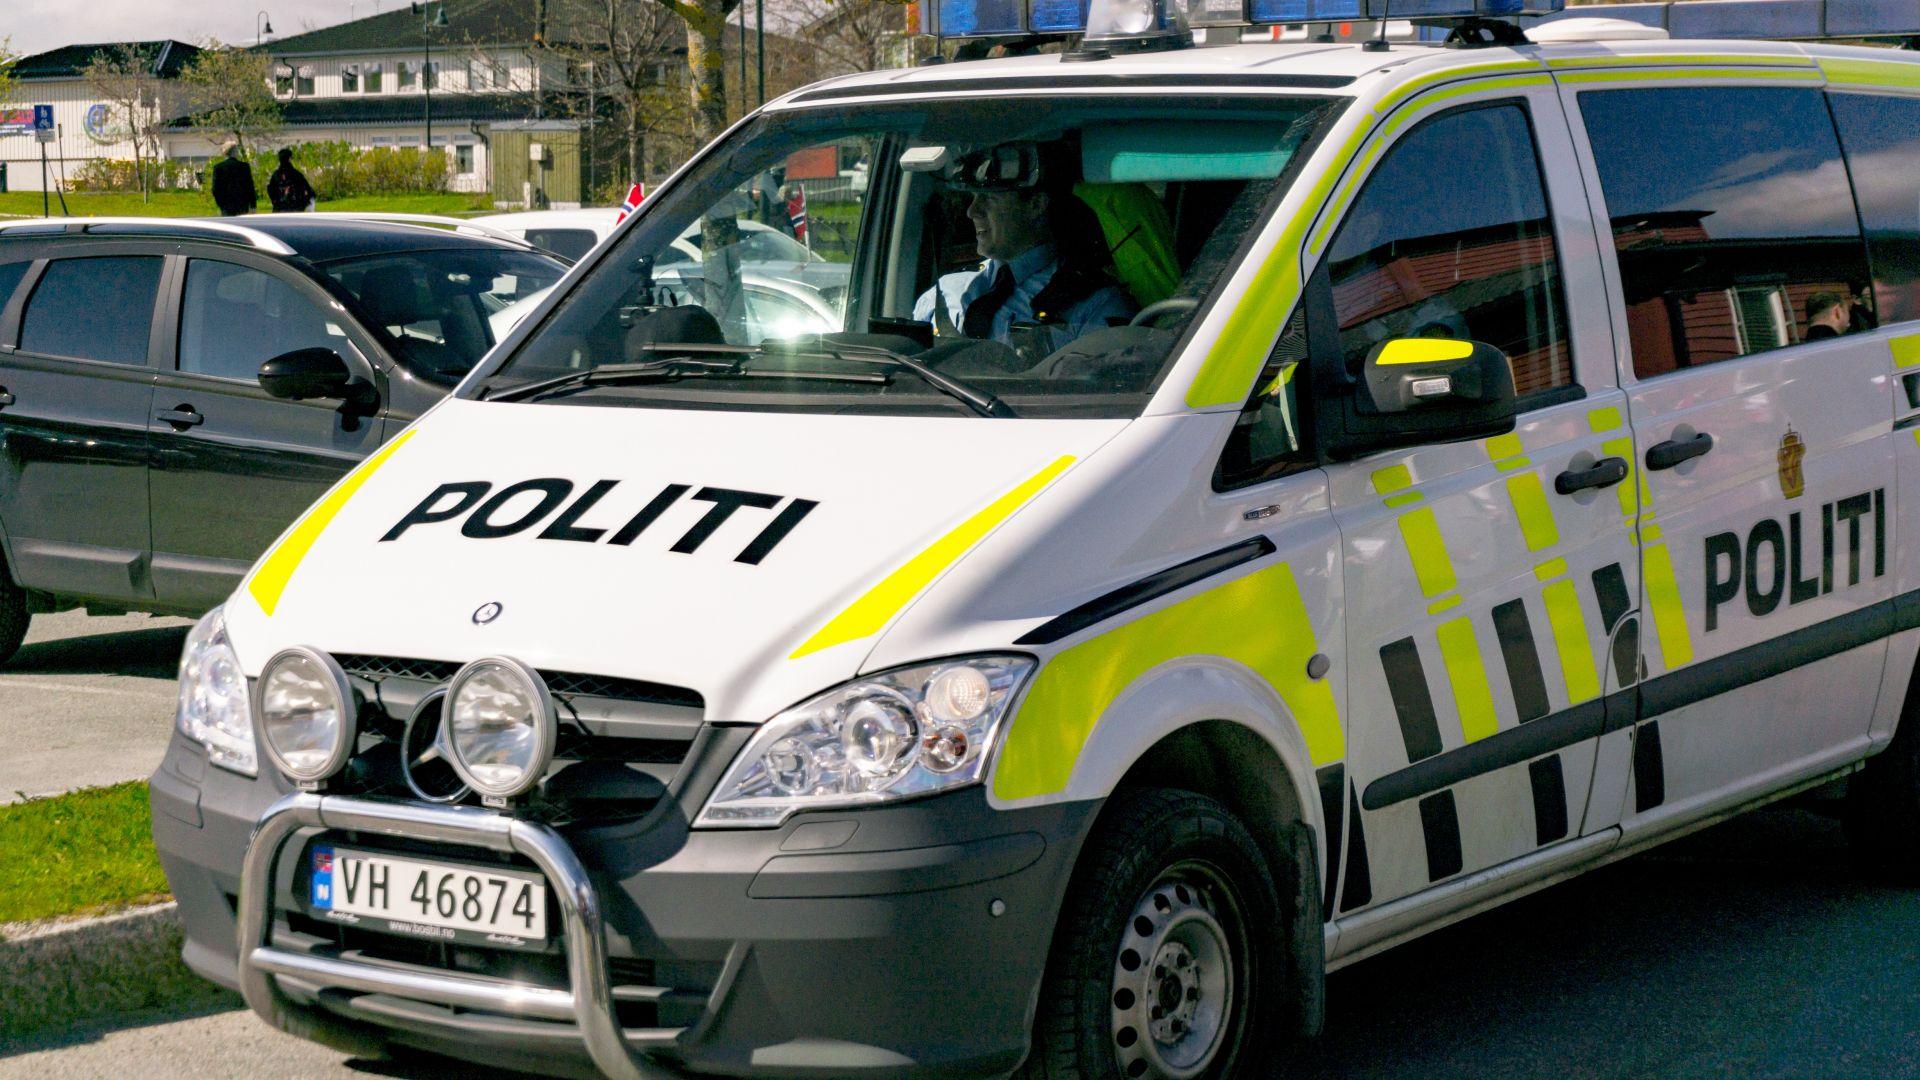 Норвежката полиция задържа руски гражданин, заподозрян в незаконна разузнавателна дейност,